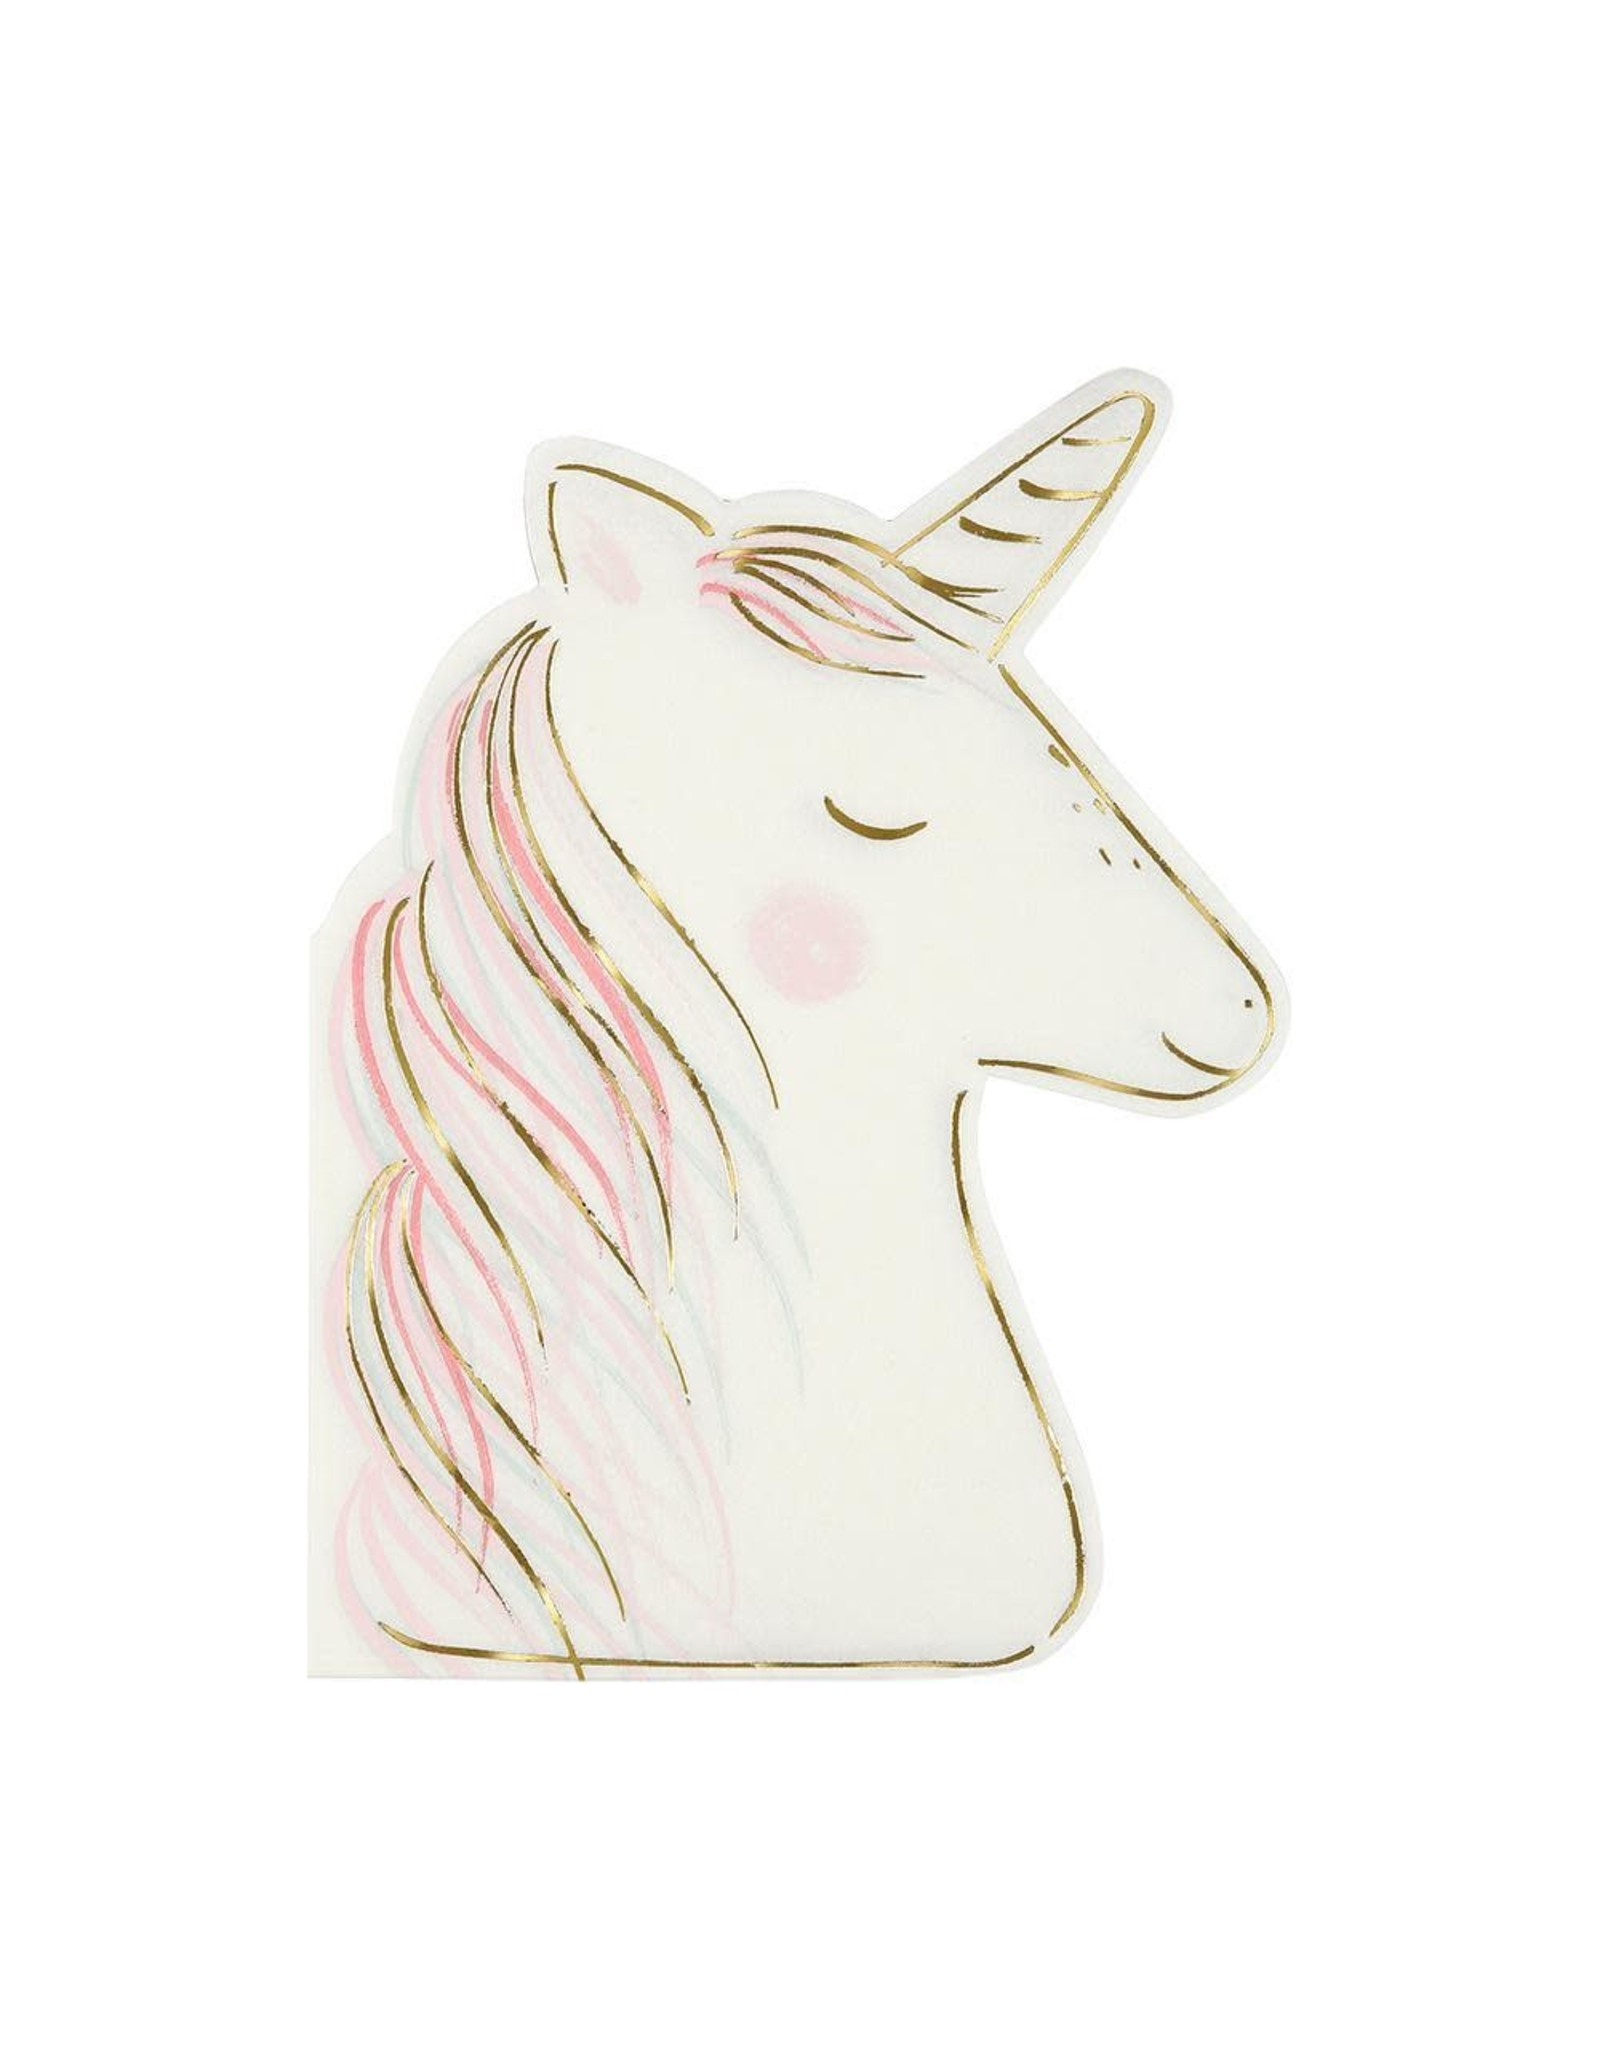 Meri Meri Serviettes | Unicorn | 16st | 10 x 13 cm